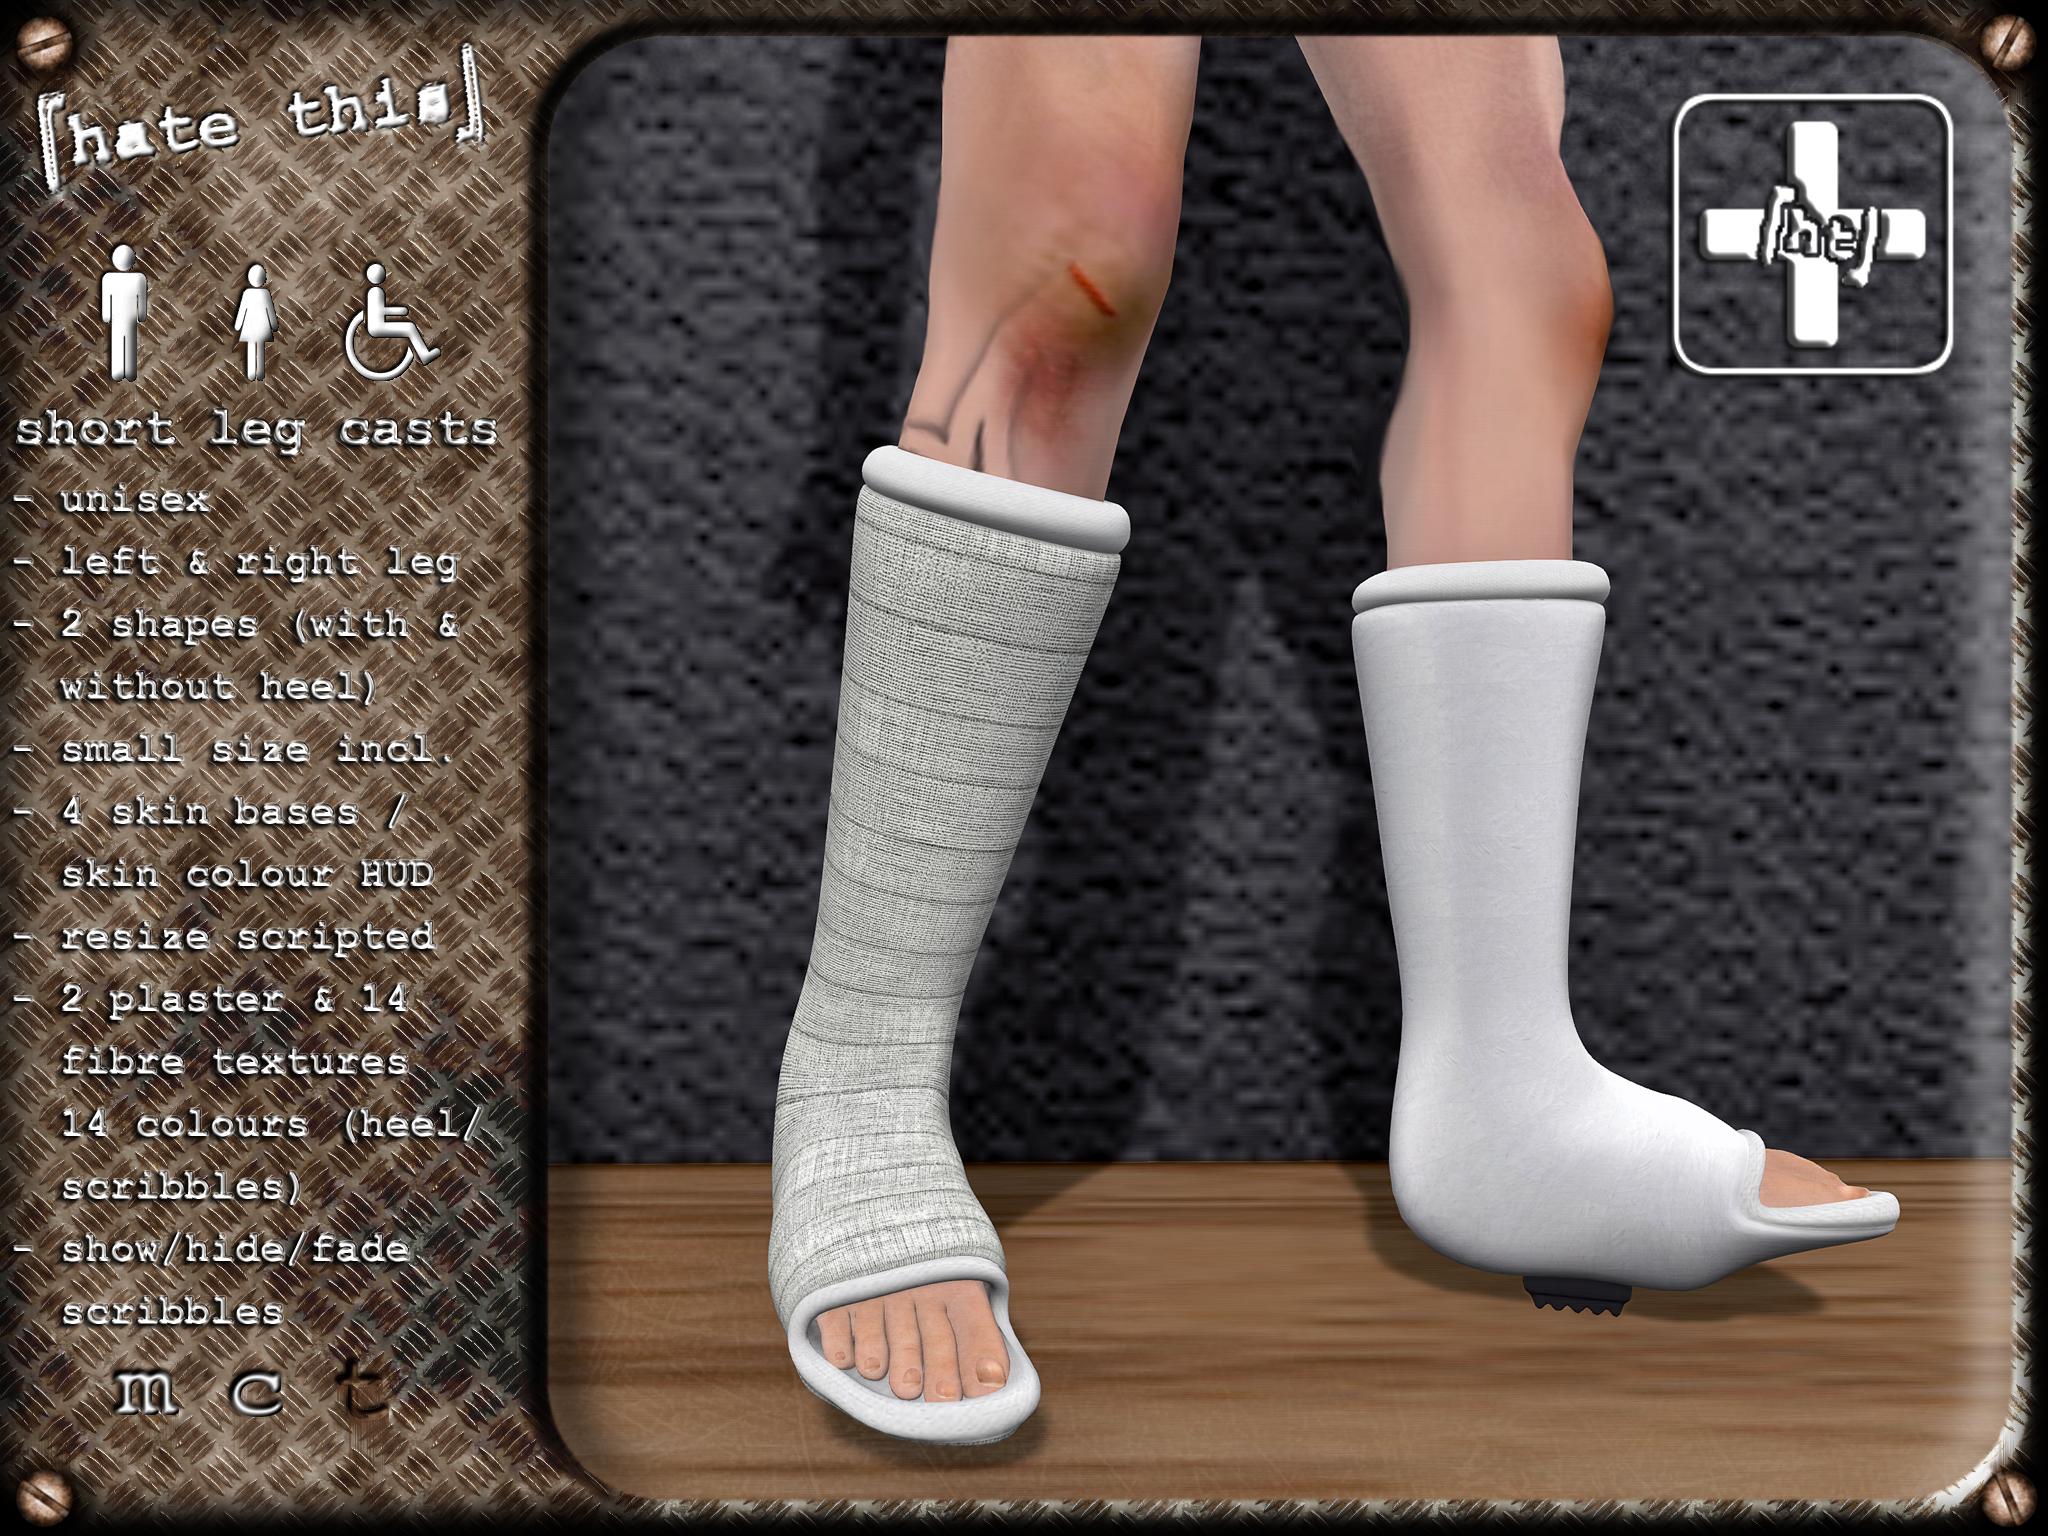 [ht ] short leg casts - Leg Cast PNG